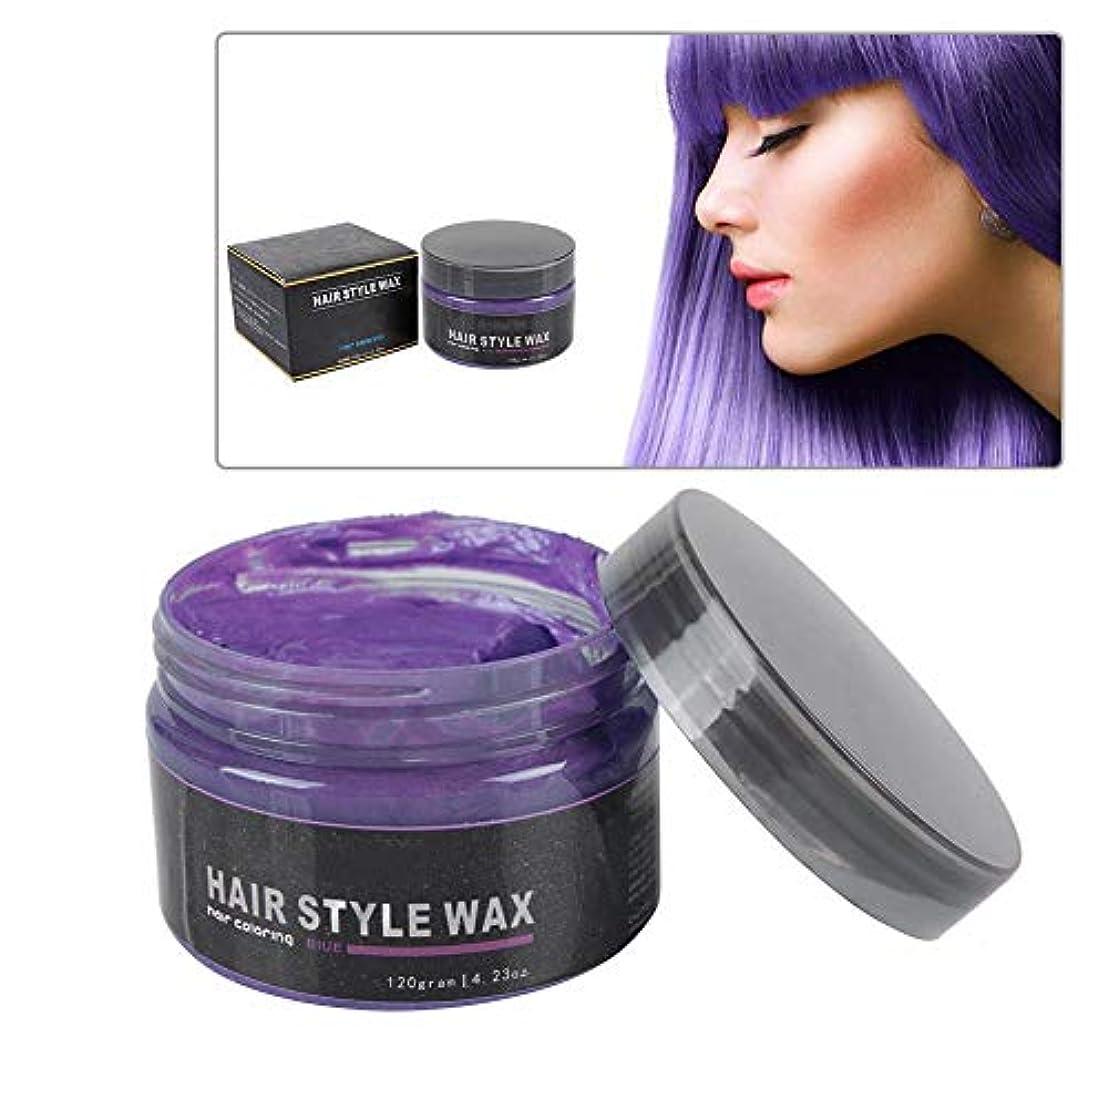 精通した柔らかい足謎使い捨ての新しいヘアカラーワックス、染毛剤の着色泥のヘアスタイルモデリングクリーム120グラム(パープル)